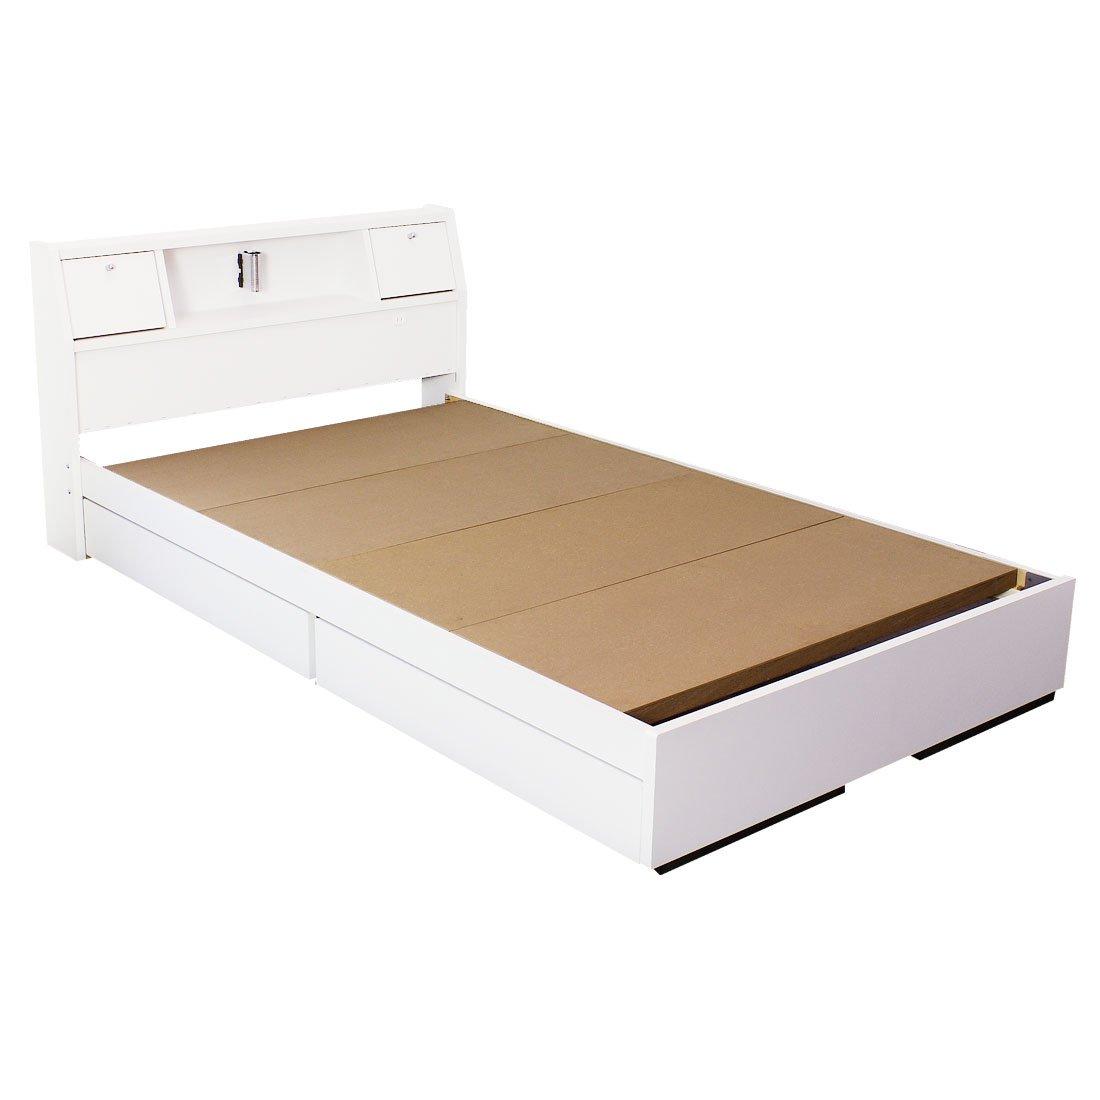 タンスのゲン 日本製 収納ベッド 引き出し コンセント付 フレームのみ 木製 宮棚 シンプル ベッドフレーム ダブル ホワイト 44300003 01 B06XDZ3H3K 3、ダブル|ホワイト ホワイト 3、ダブル